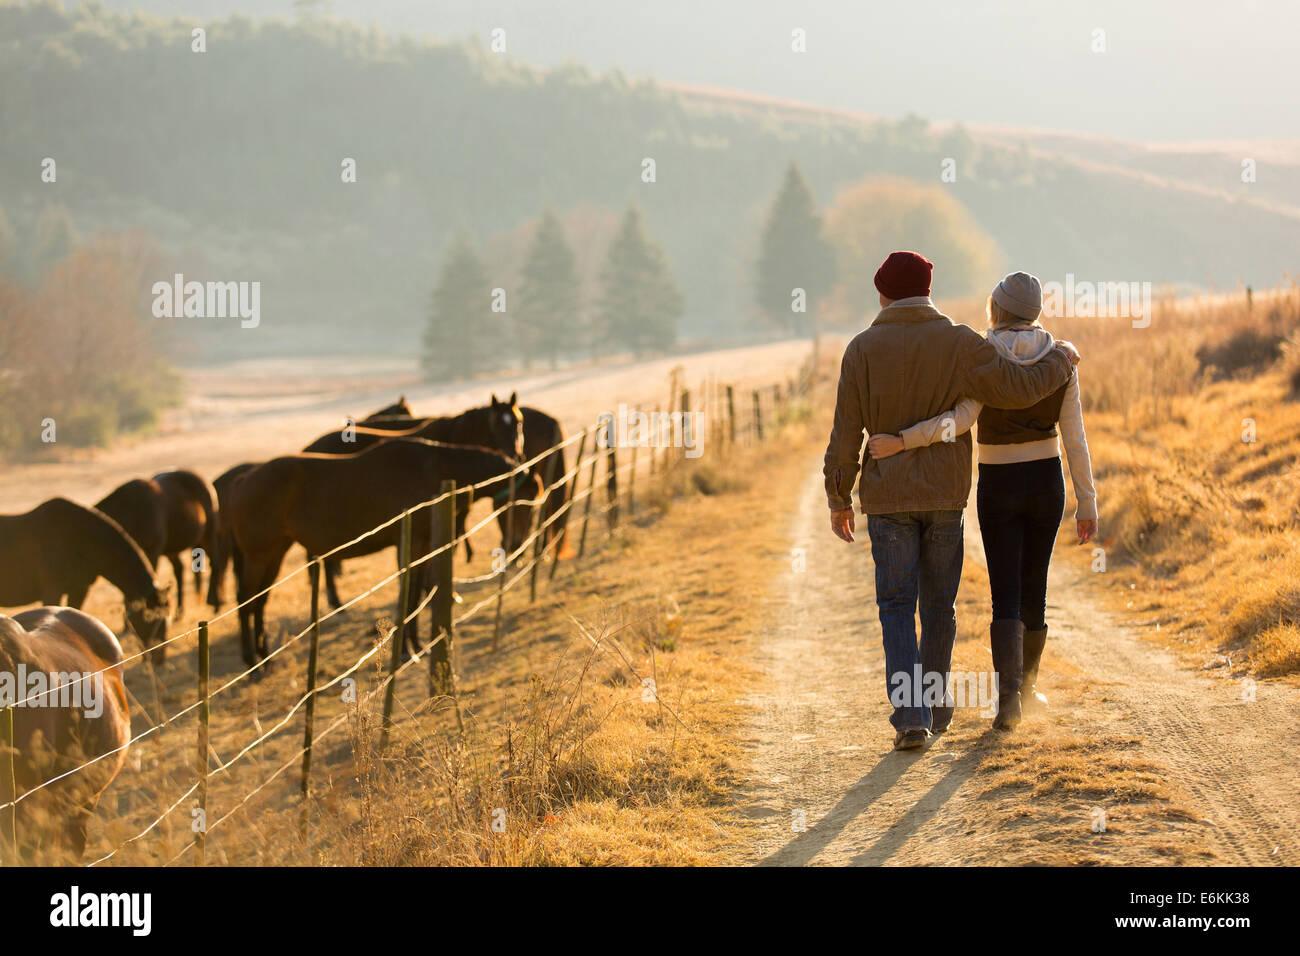 Vue arrière du jeune couple walking in farm road Photo Stock